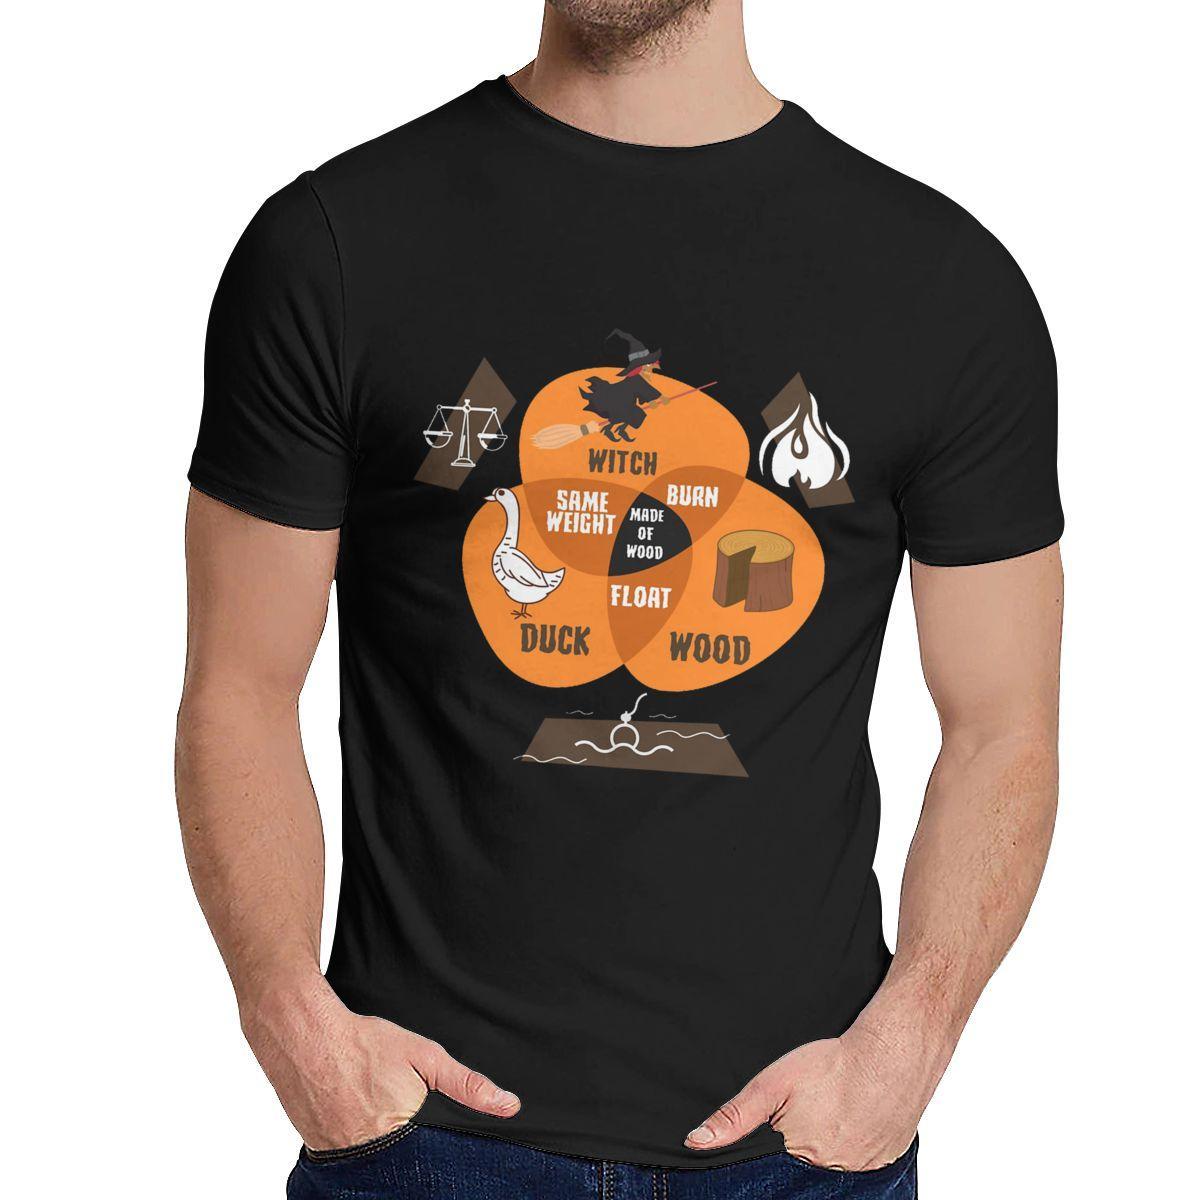 T-shirt dell'uomo Monty Python e il Sacro Graal Witch Wood Duck programmazione Nuovo collare rotondo Retro Tee Shirt